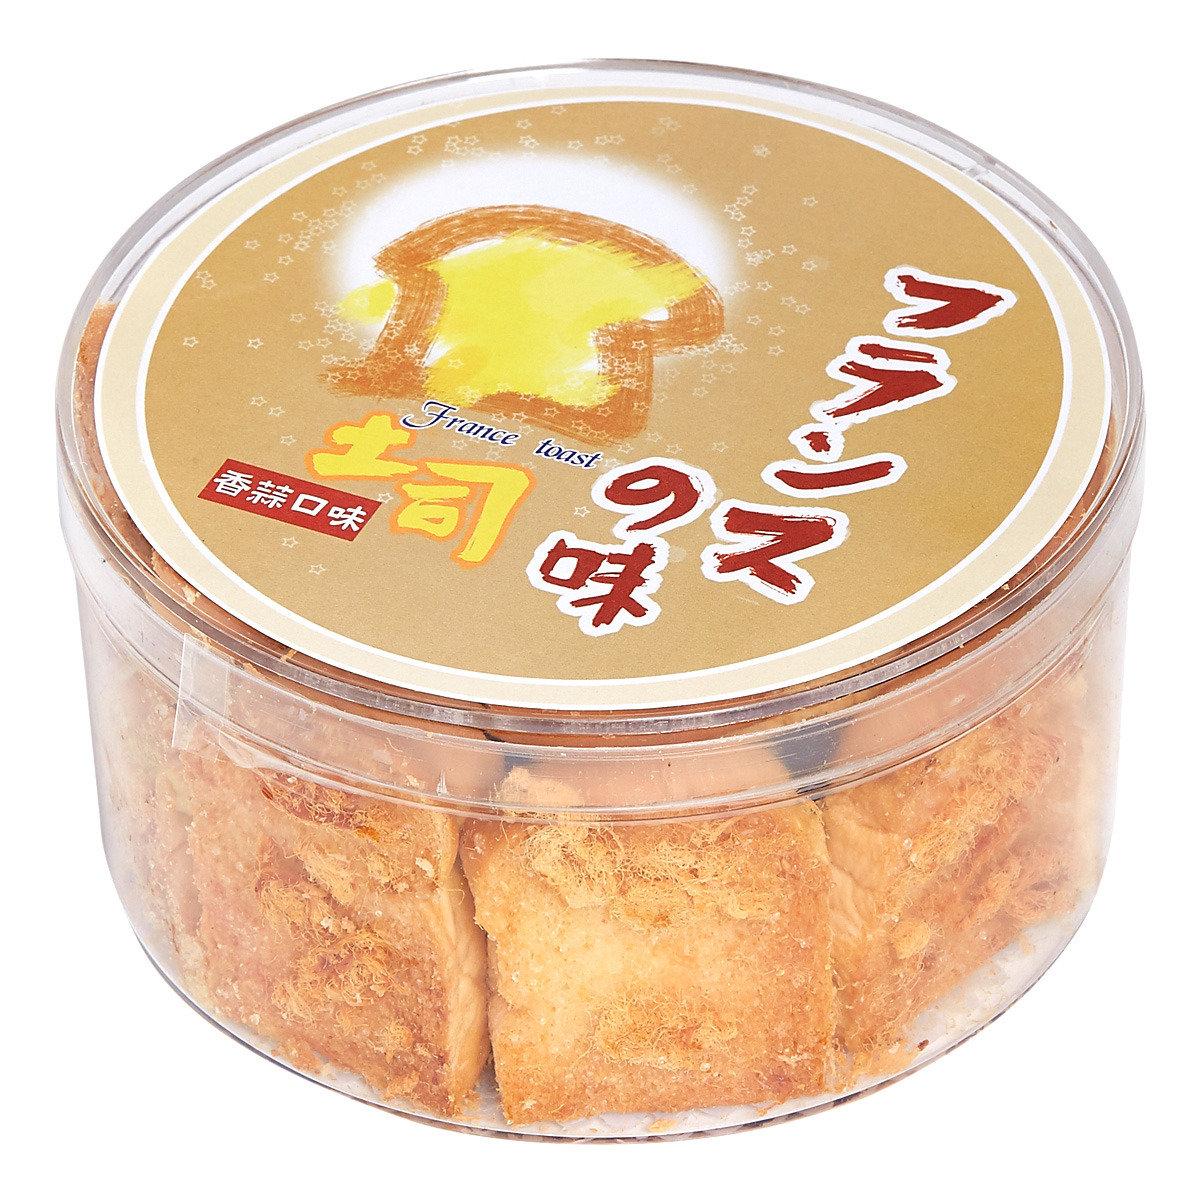 法式香判烤小吐司 - 香蒜口味